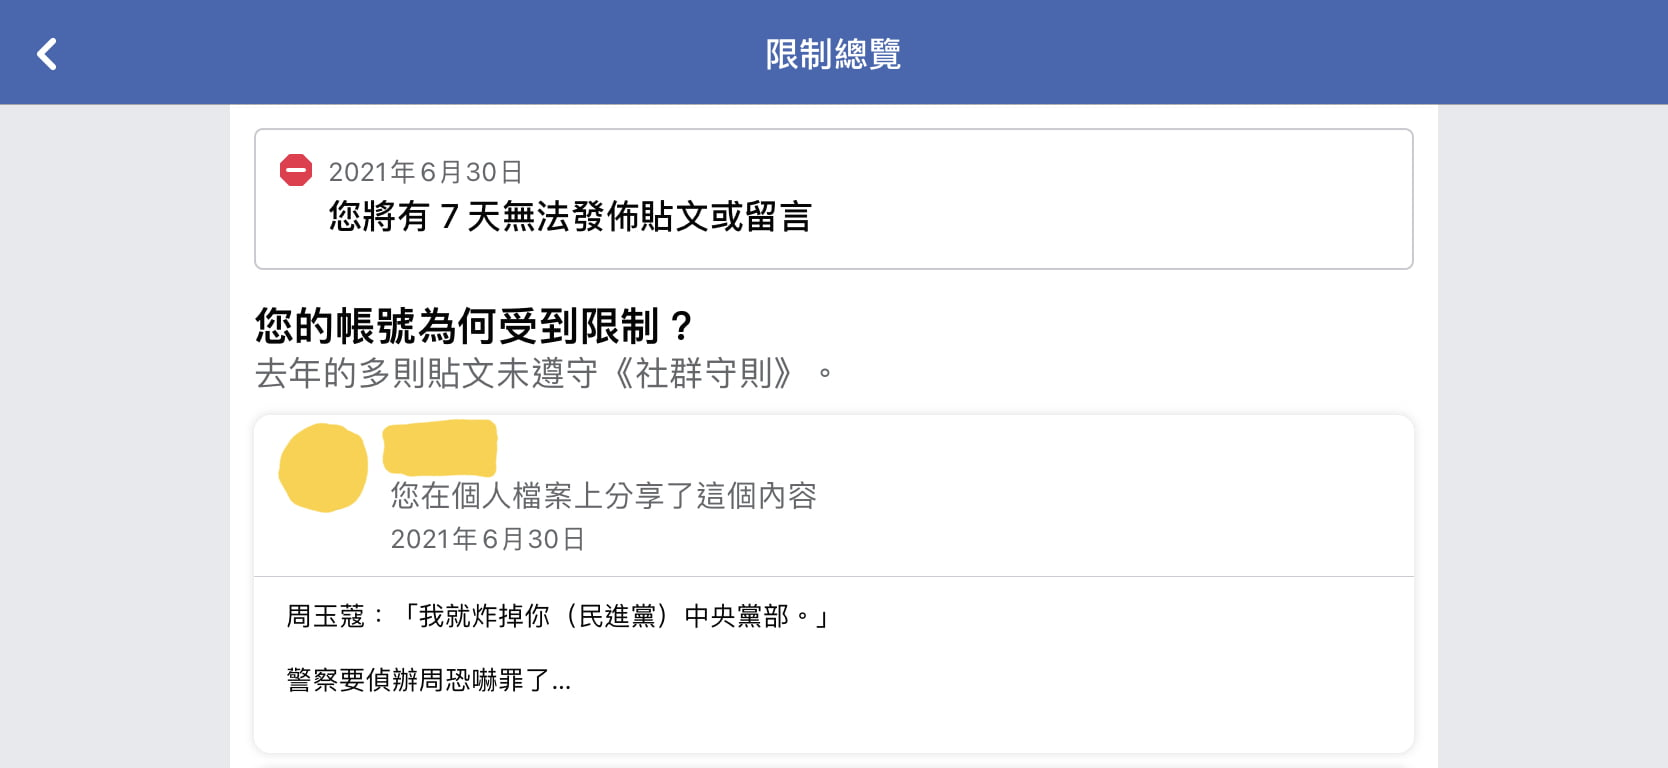 149C5FF8 B605 47D0 9F0B 811E49BE2E65 在臉書上討論「周玉蔻恐嚇民進黨」事件後遺症